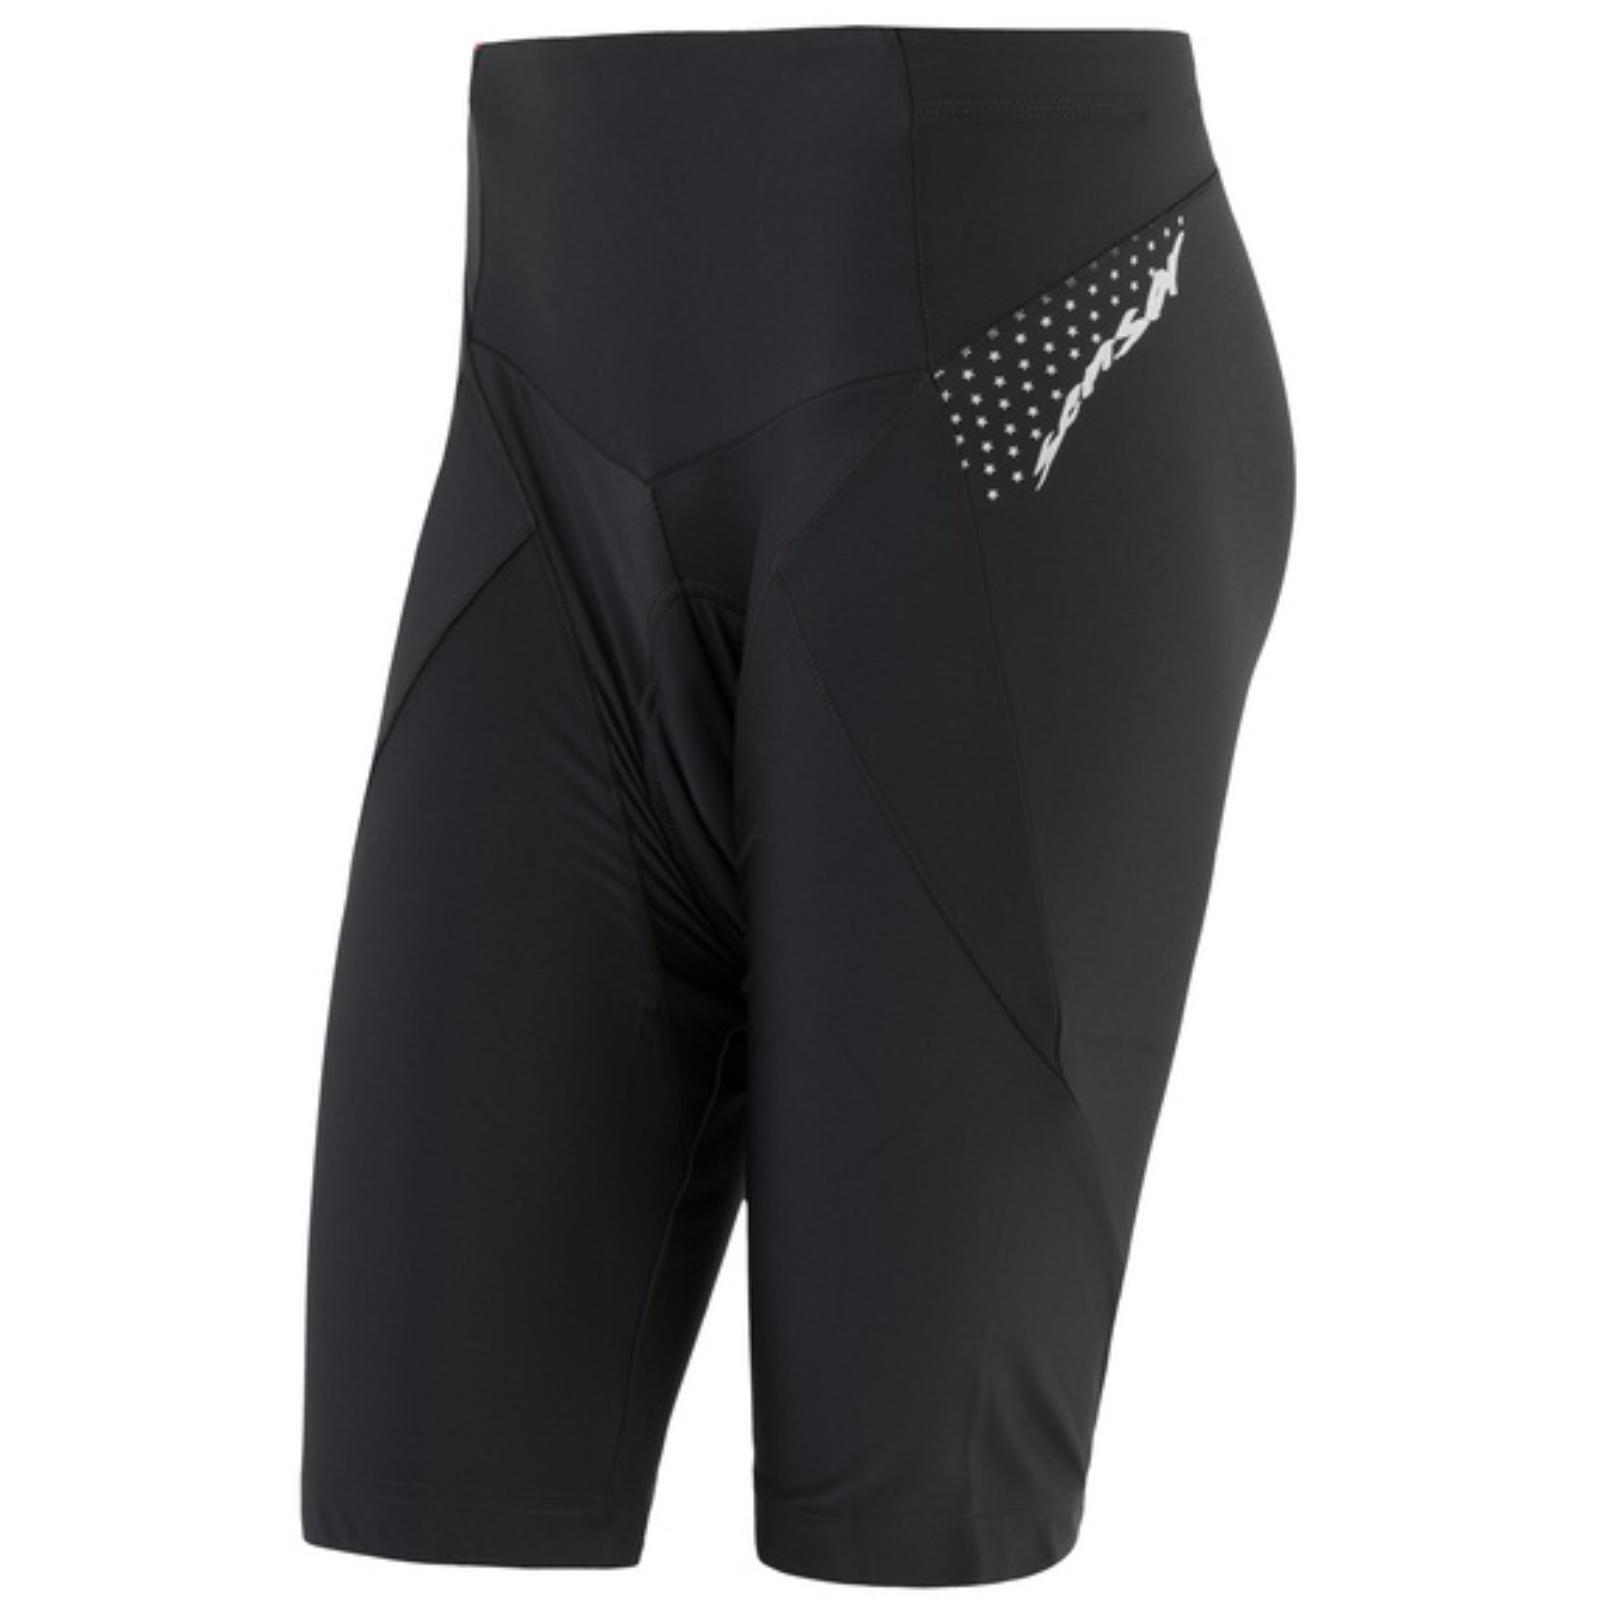 Nohavice cyklo SENSOR Race nad kolená dám. čierne - veľ. L